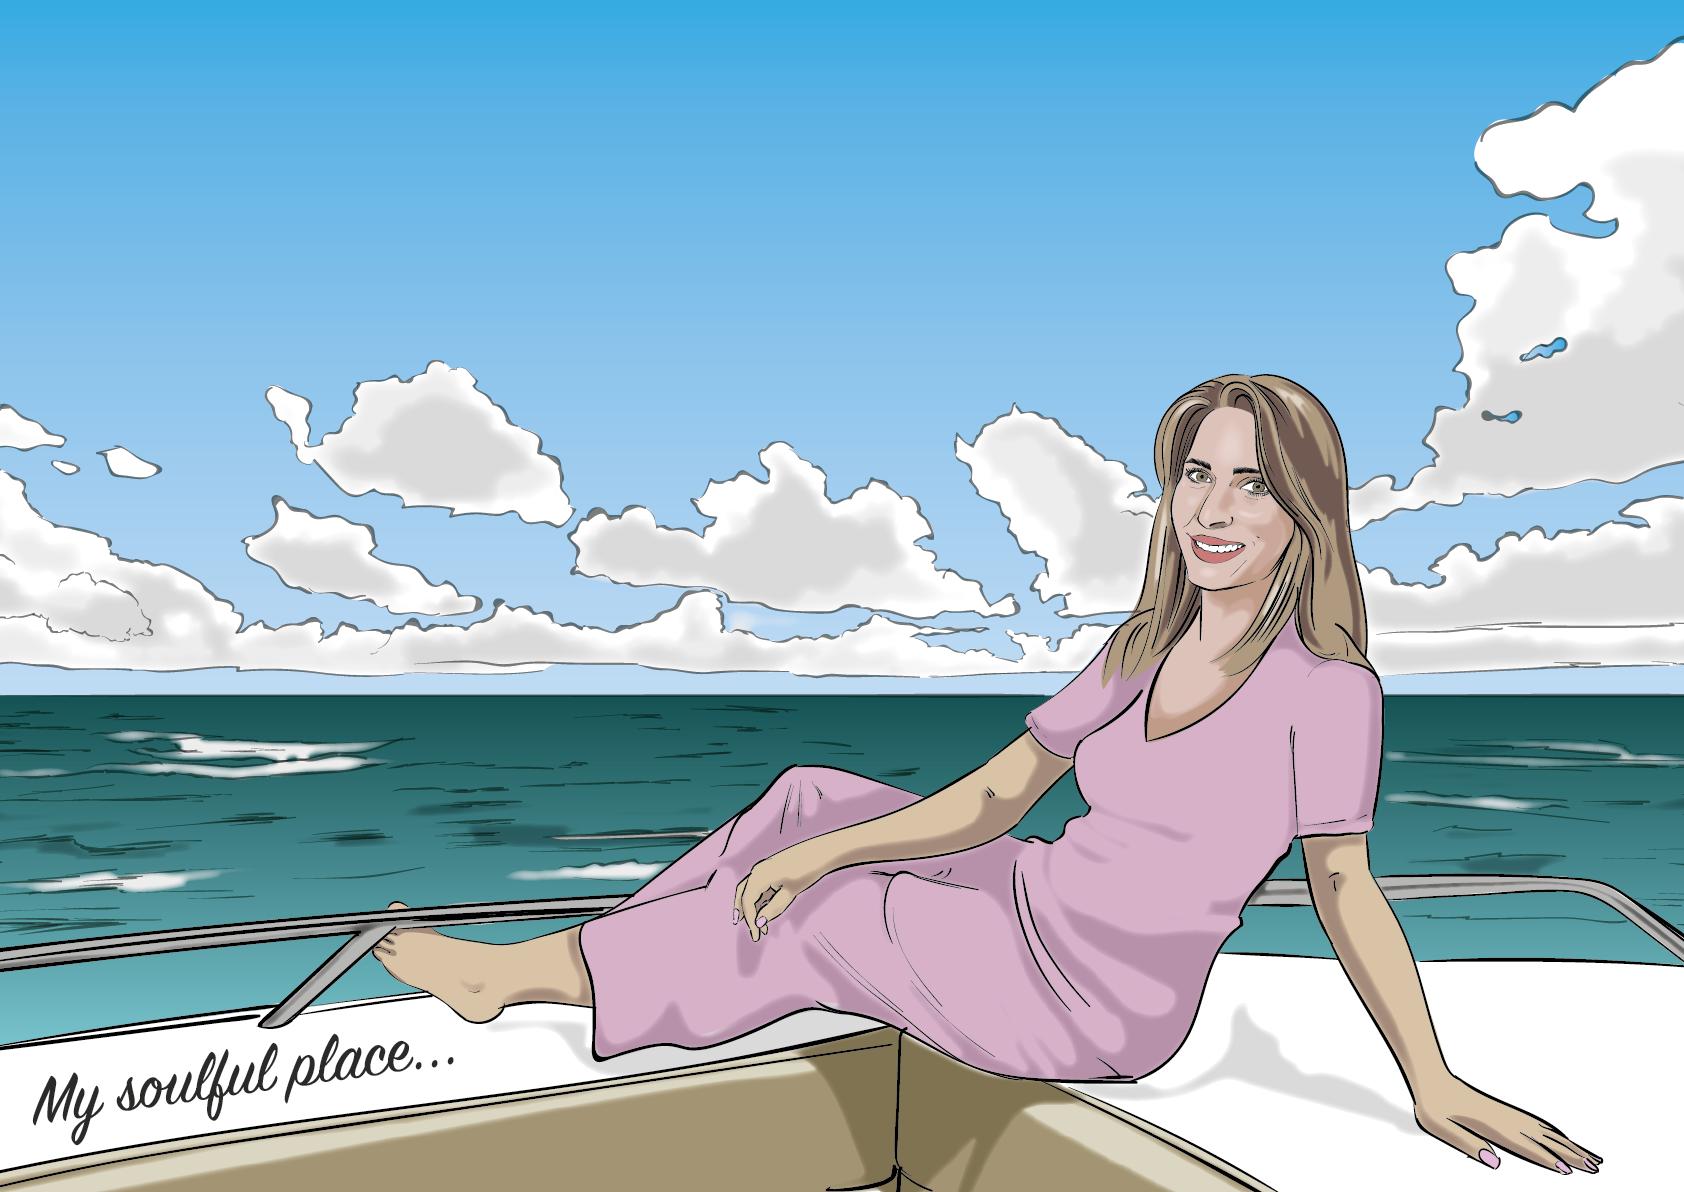 out at sea_2x